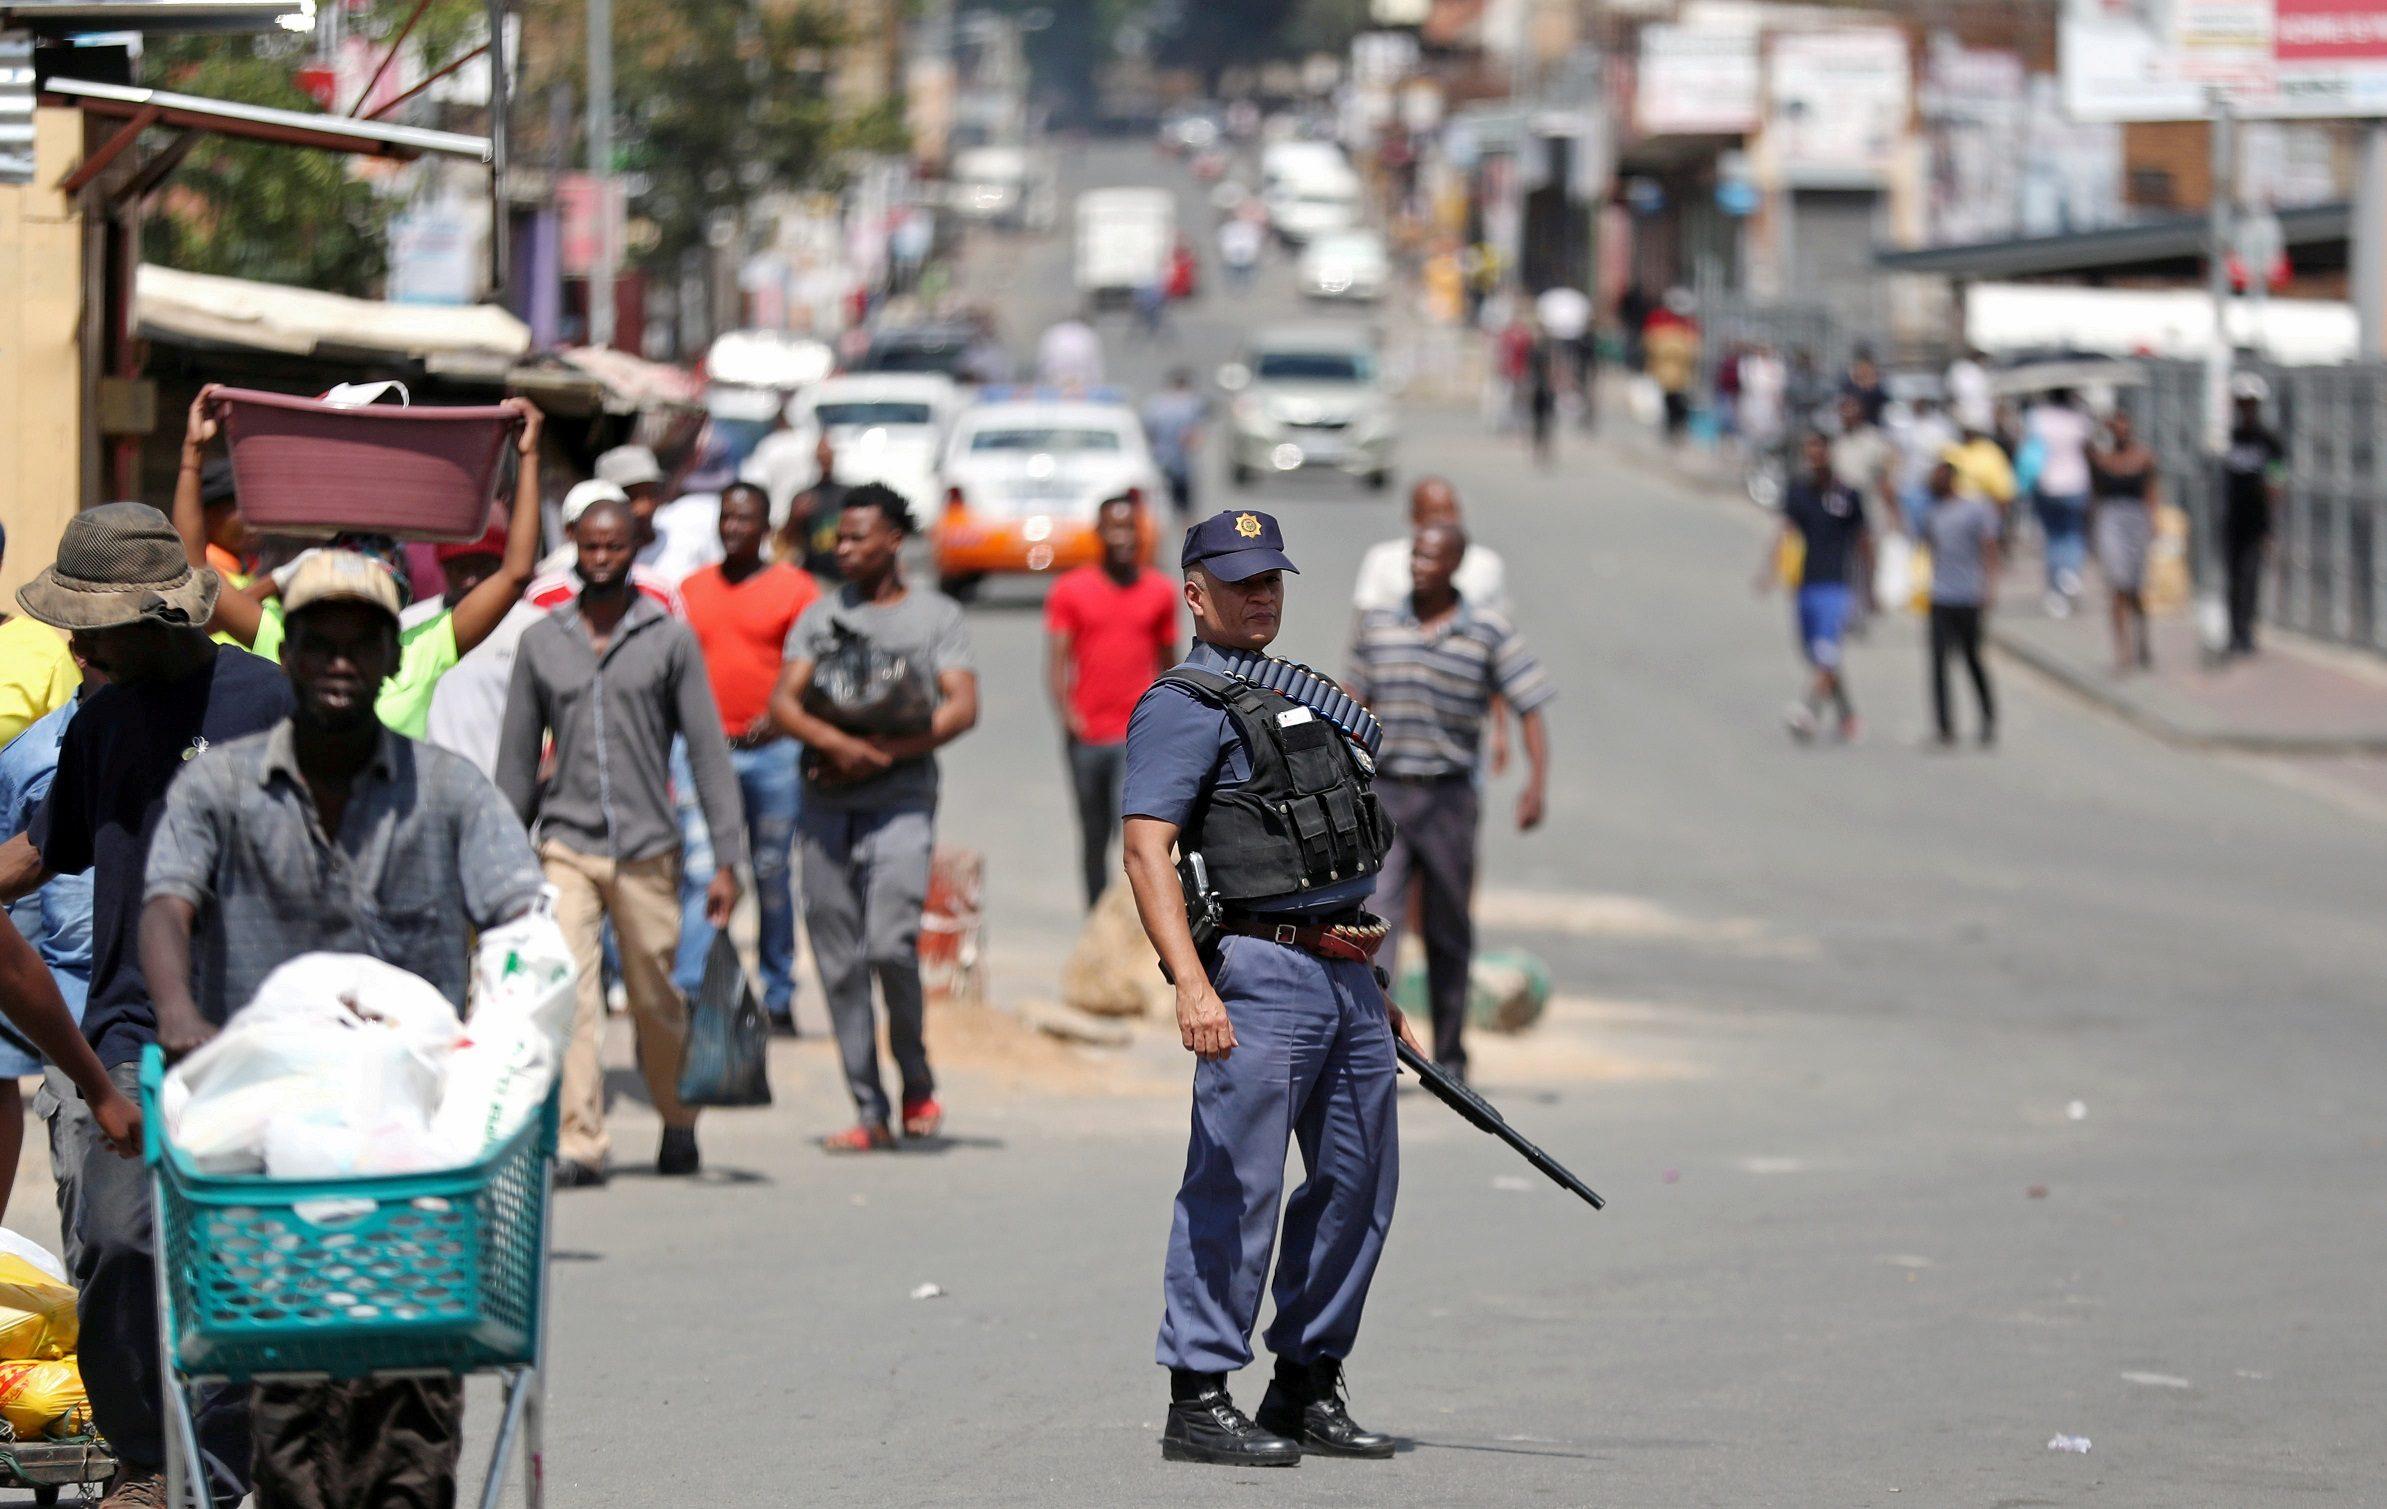 แอฟริกาใต้ป่วน บุกปล้นร้านเหล้า-บุหรี่ หลังห้ามขาย คุมระบาด โควิด-19